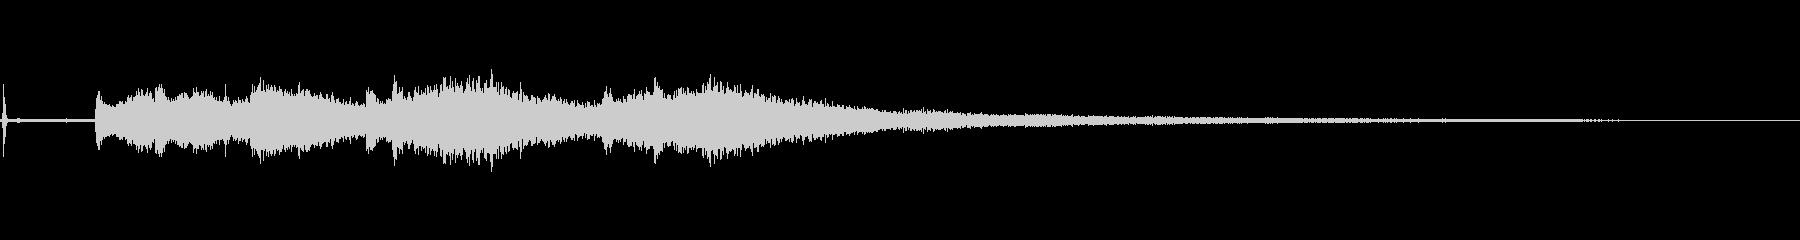 ウィンチェスターチャイム:QUAR...の未再生の波形